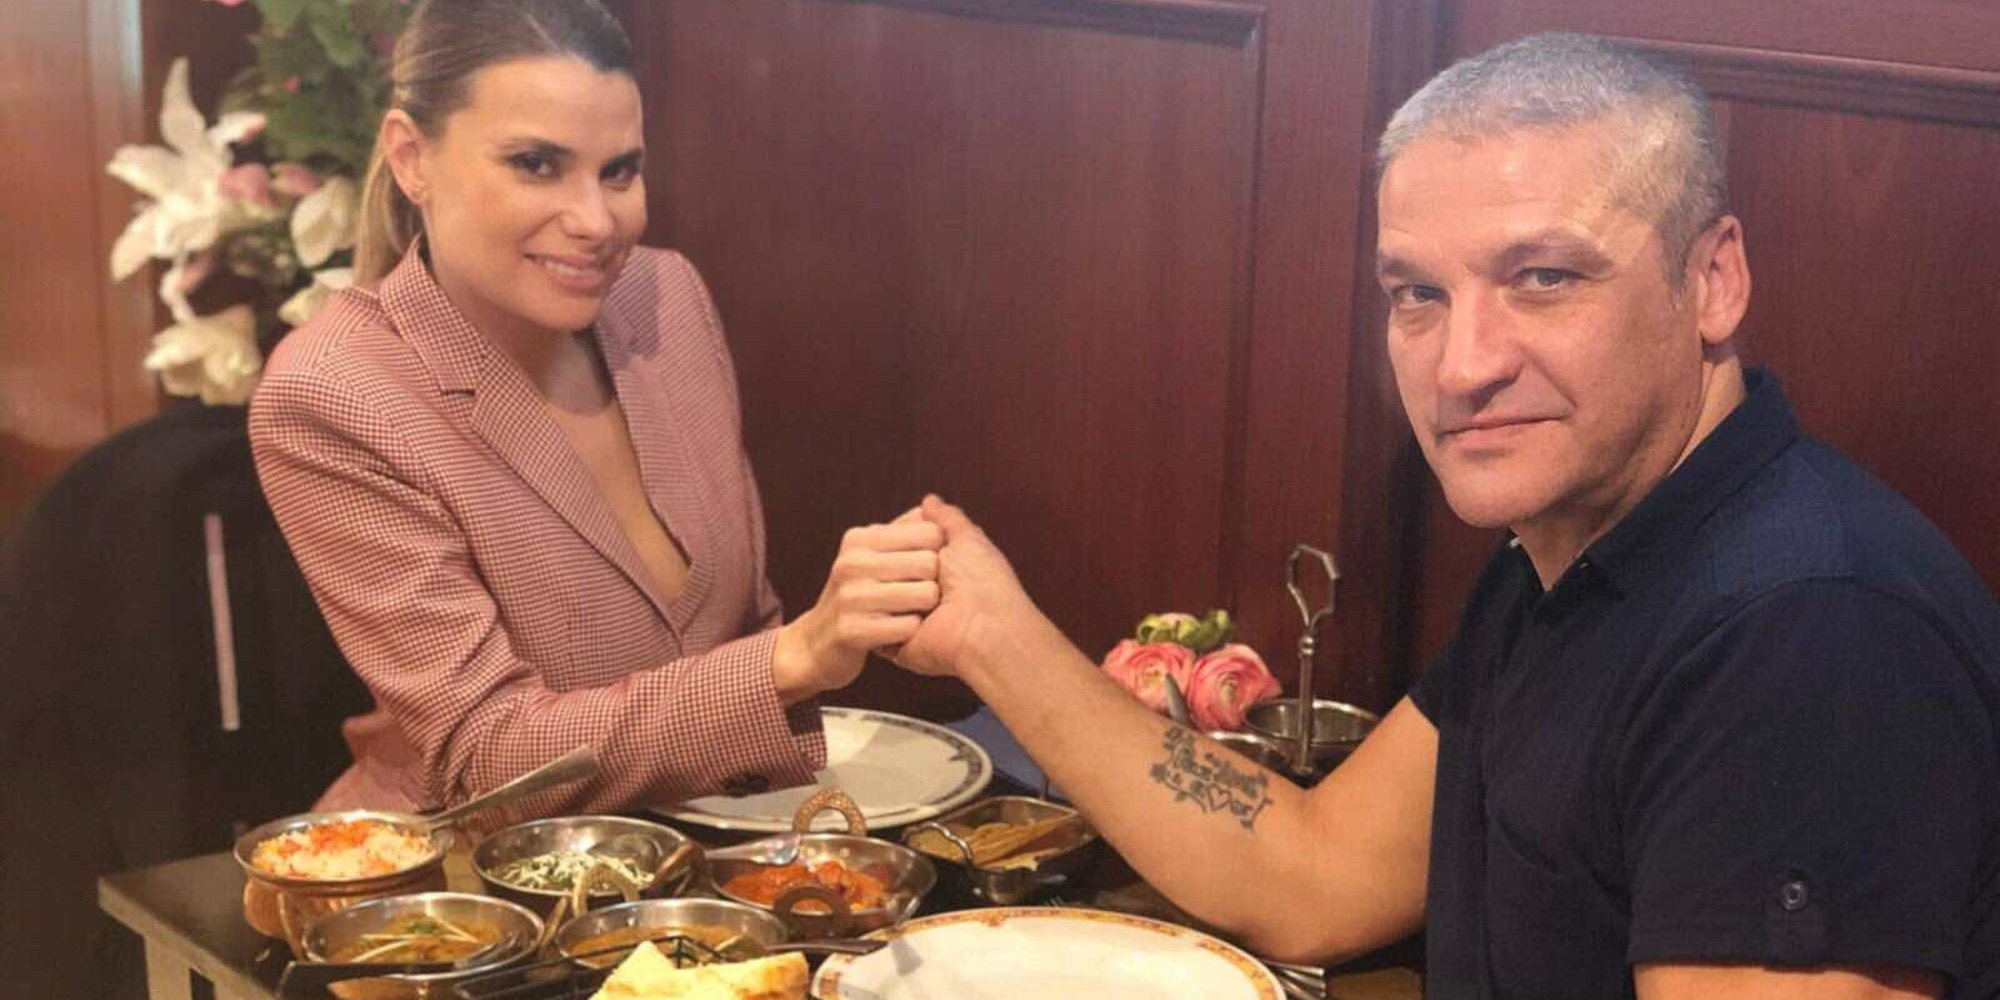 María Lapiedra, obligada a pagar a Mark Hamilton para poder quedarse a solas con Gustavo González